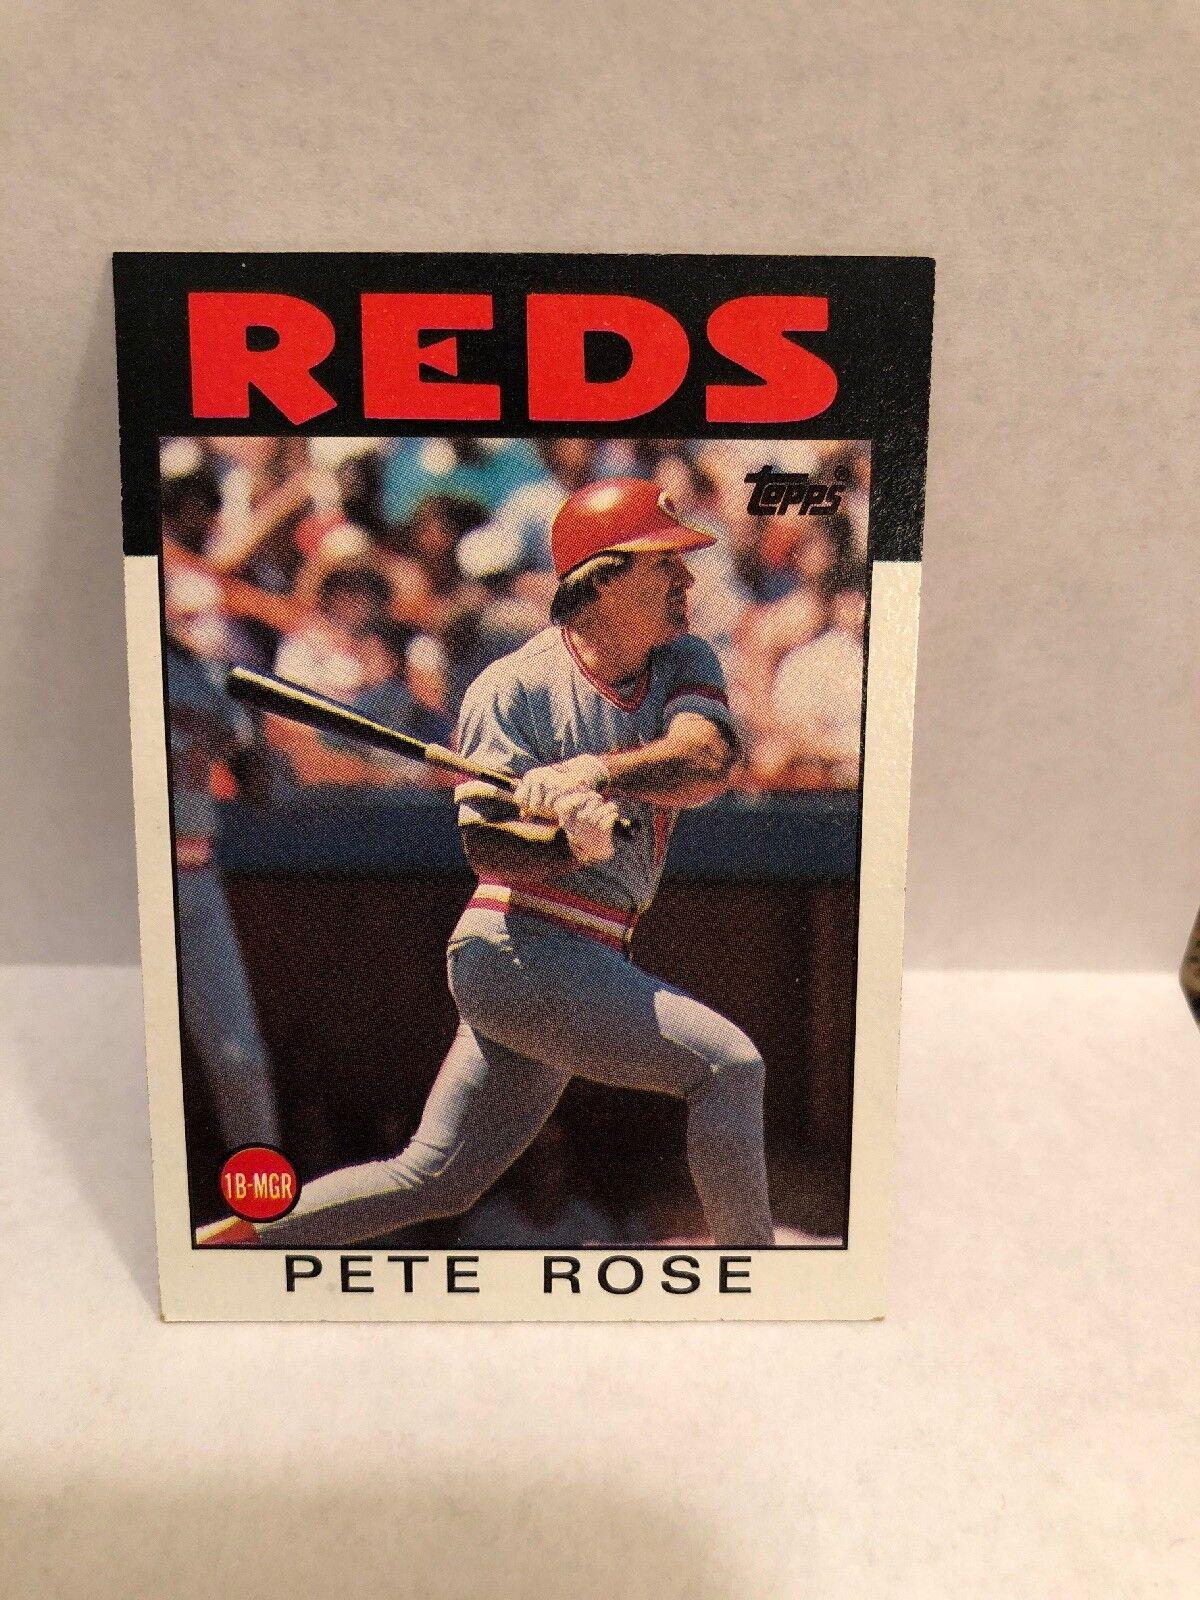 1986 Topps Pete Rose 1 Baseball Card